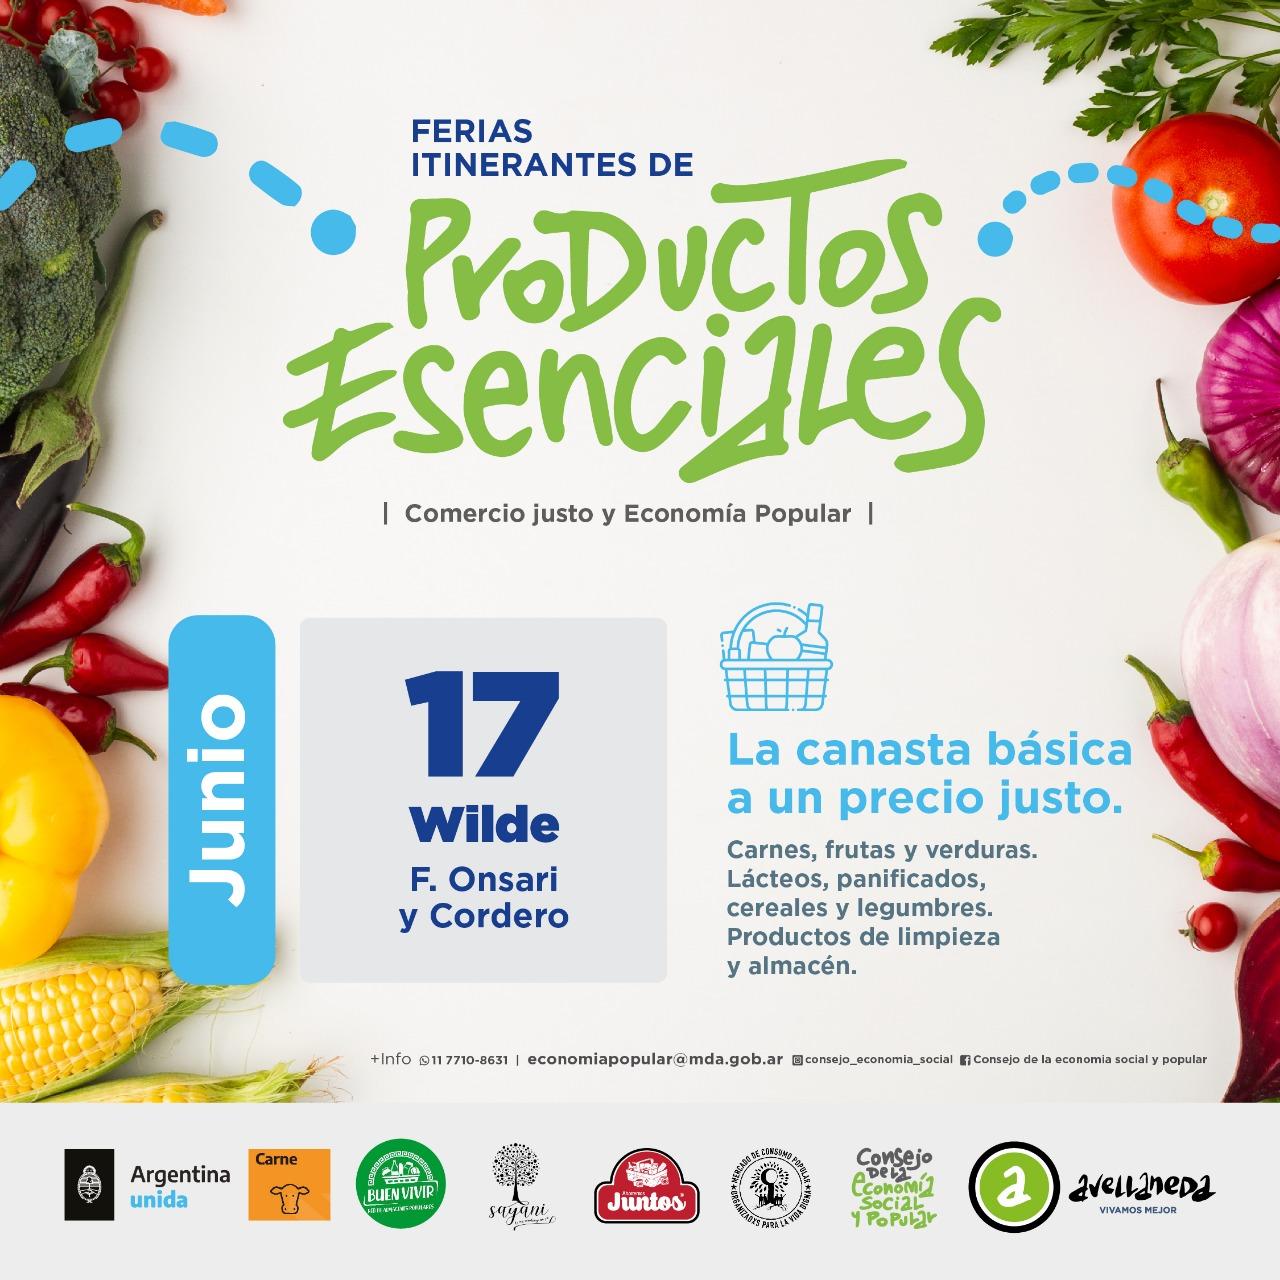 FERIAS ITINERANTES DE PRODUCTOS ESENCIALES📍